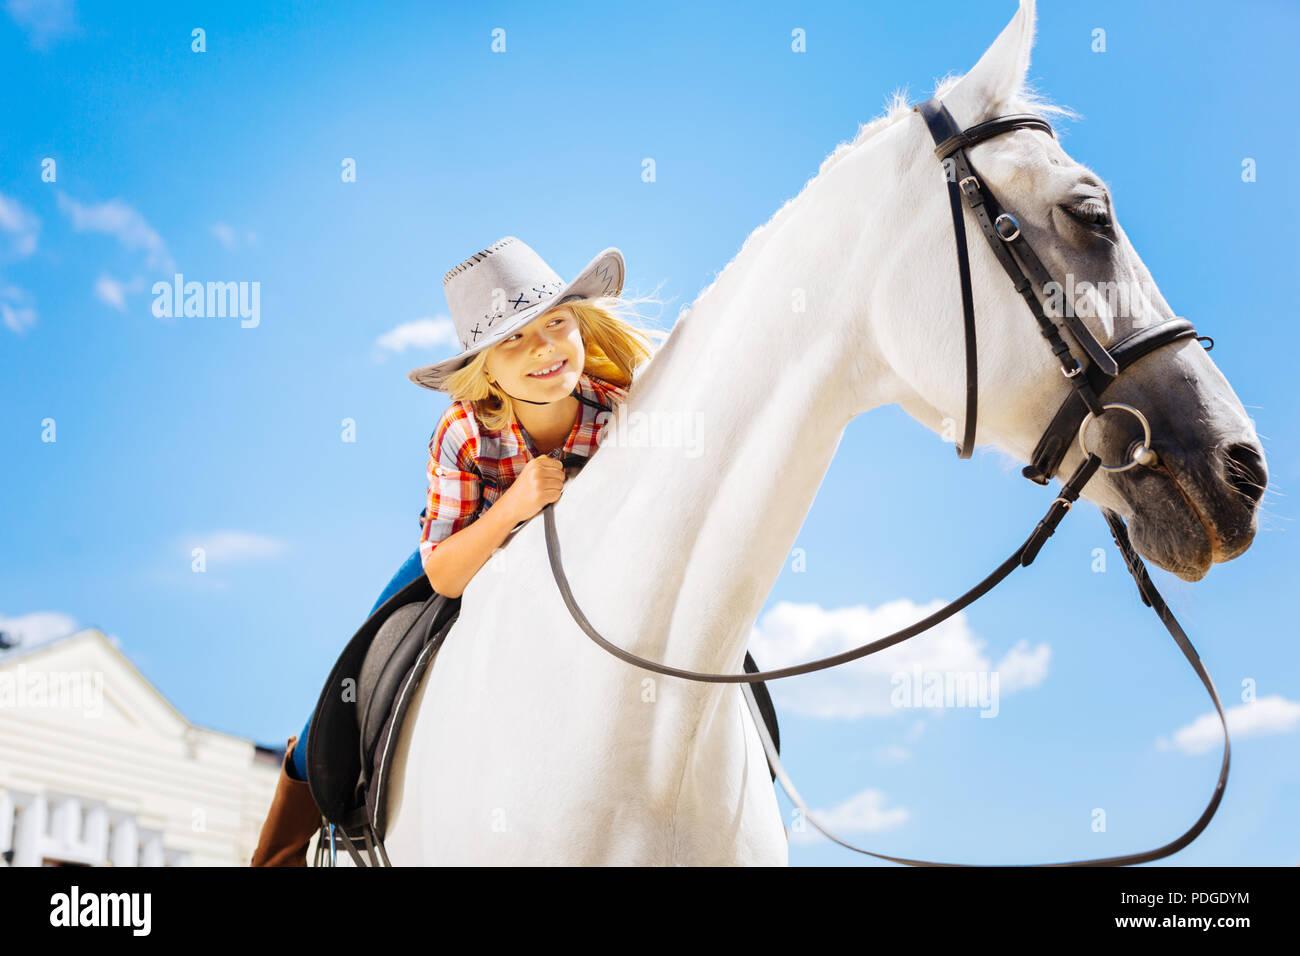 La fille aux cheveux blond-blanc incroyable sentiment riding horse Photo Stock